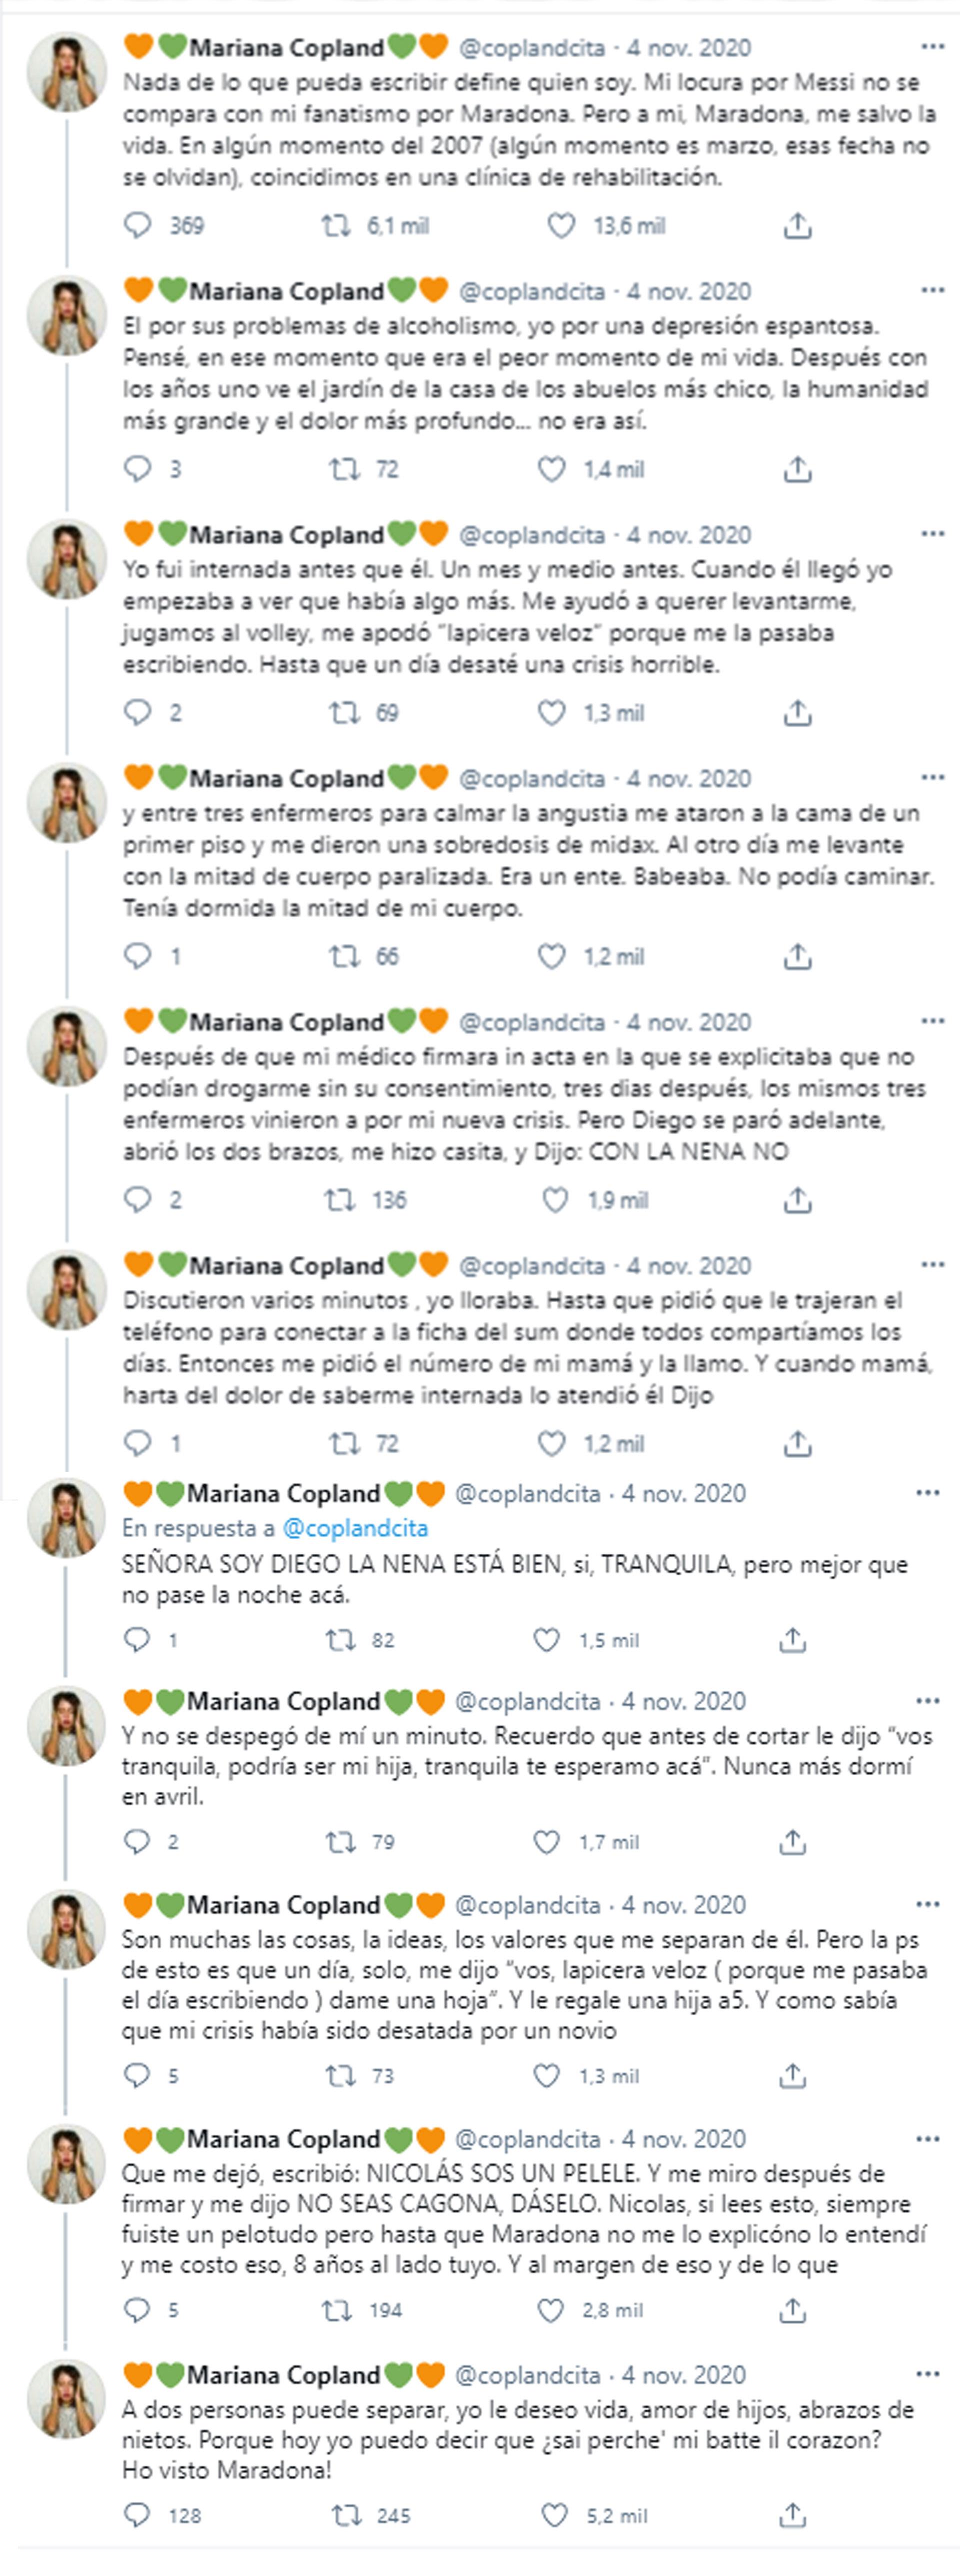 Mariana relató su historia con Maradona en noviembre pasado pero se viralizó en las últimas horas